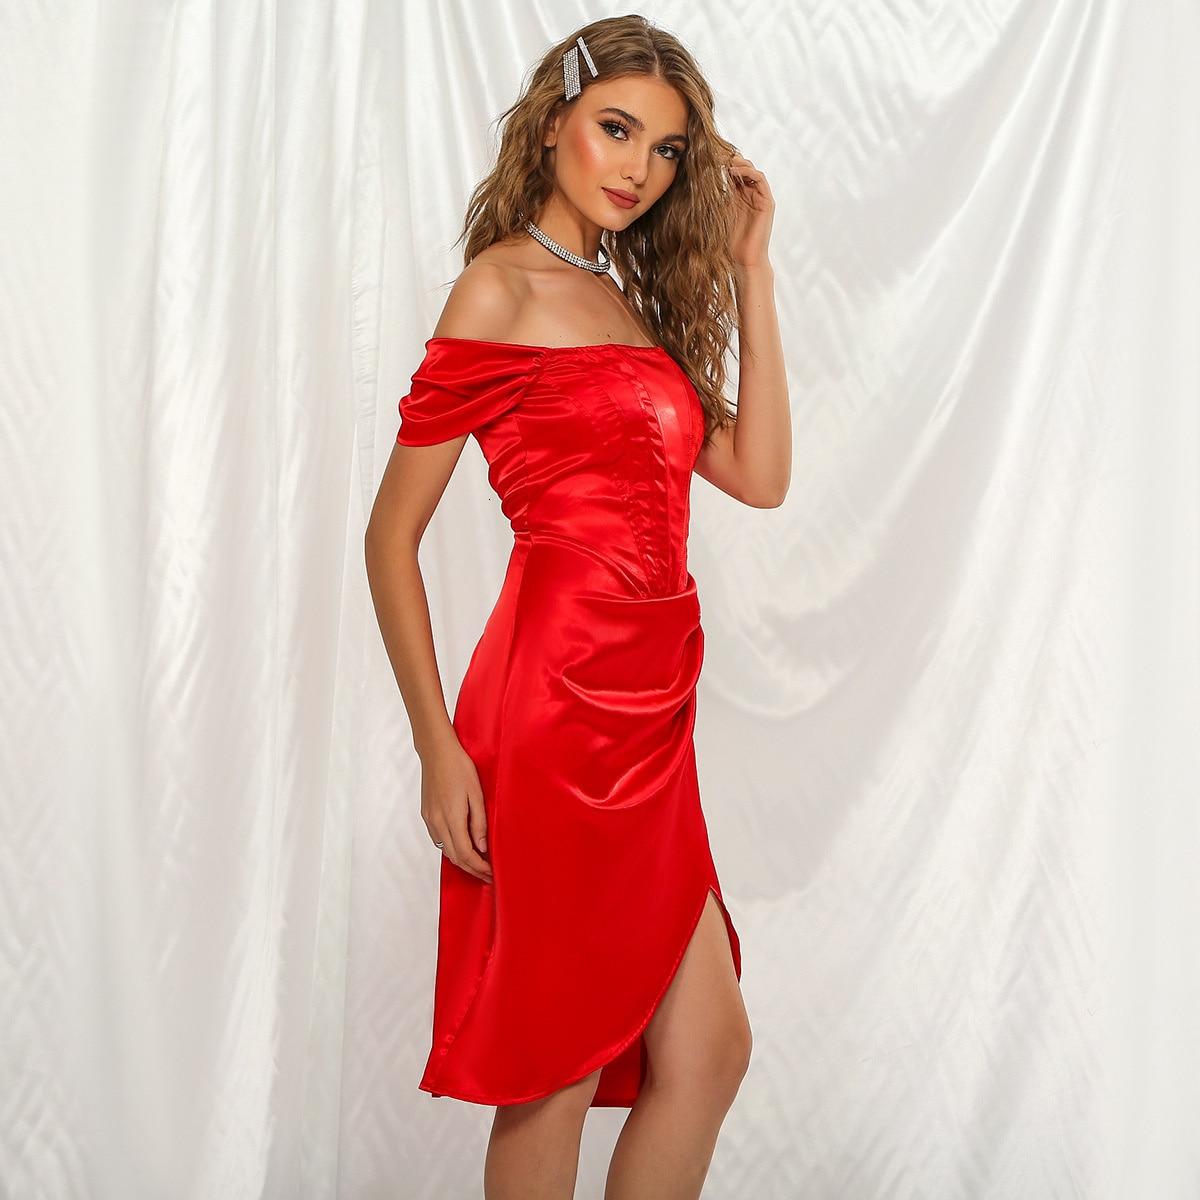 Robe rouge Sexy à épaules dénudées pour femme, tenue de soirée élégante